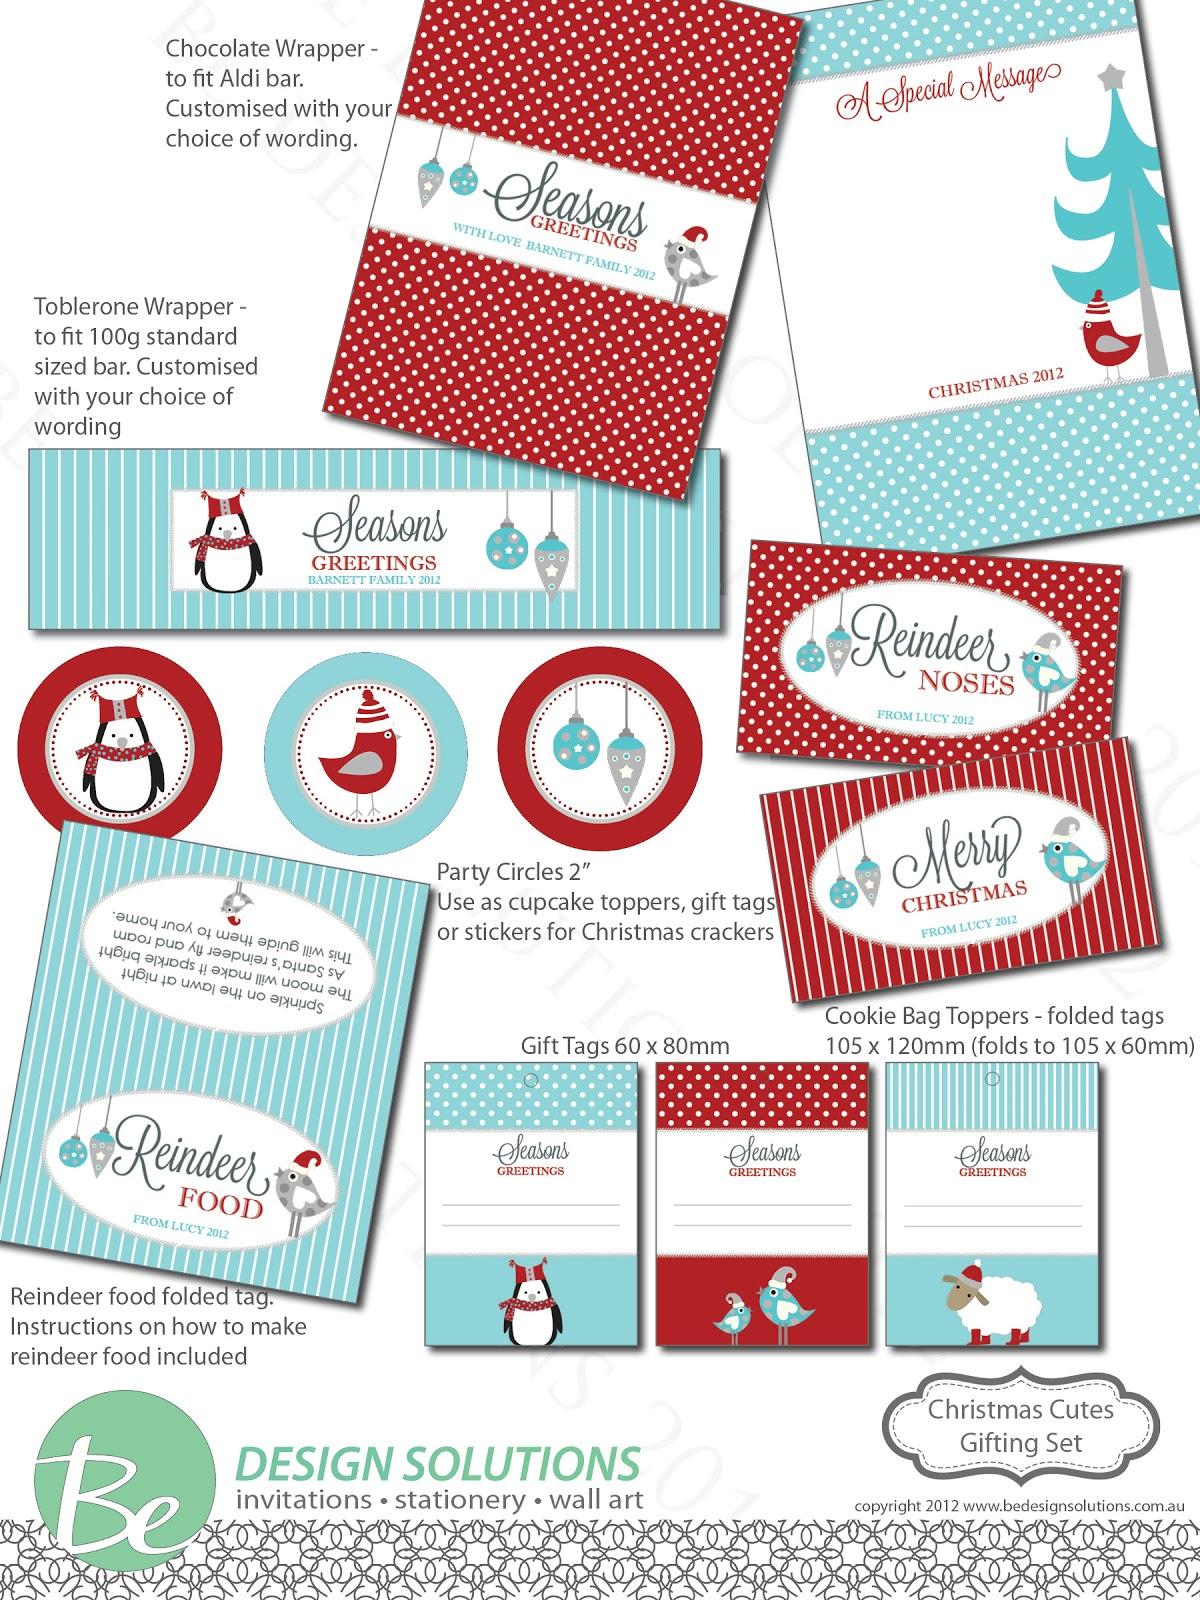 Free Printable Christmas Chocolate Bar Wrappers | Utterly Organised - Free Printable Christmas Candy Bar Wrappers